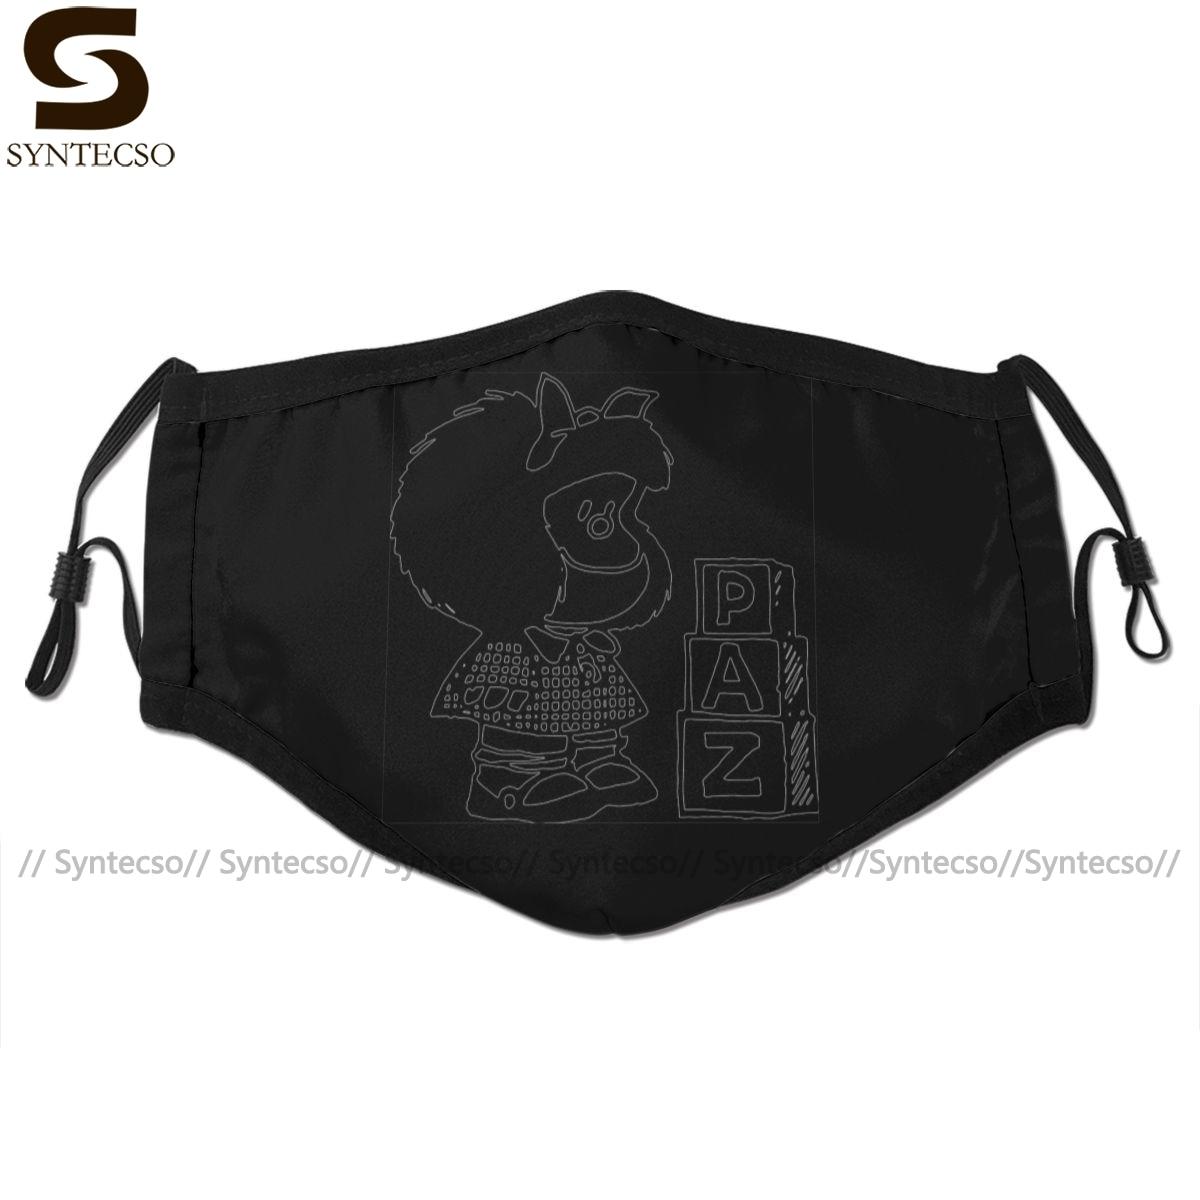 Mafalda Mouth Face Mask Mafalda Facial Mask Fashion Funny With 2 Filters For Adult